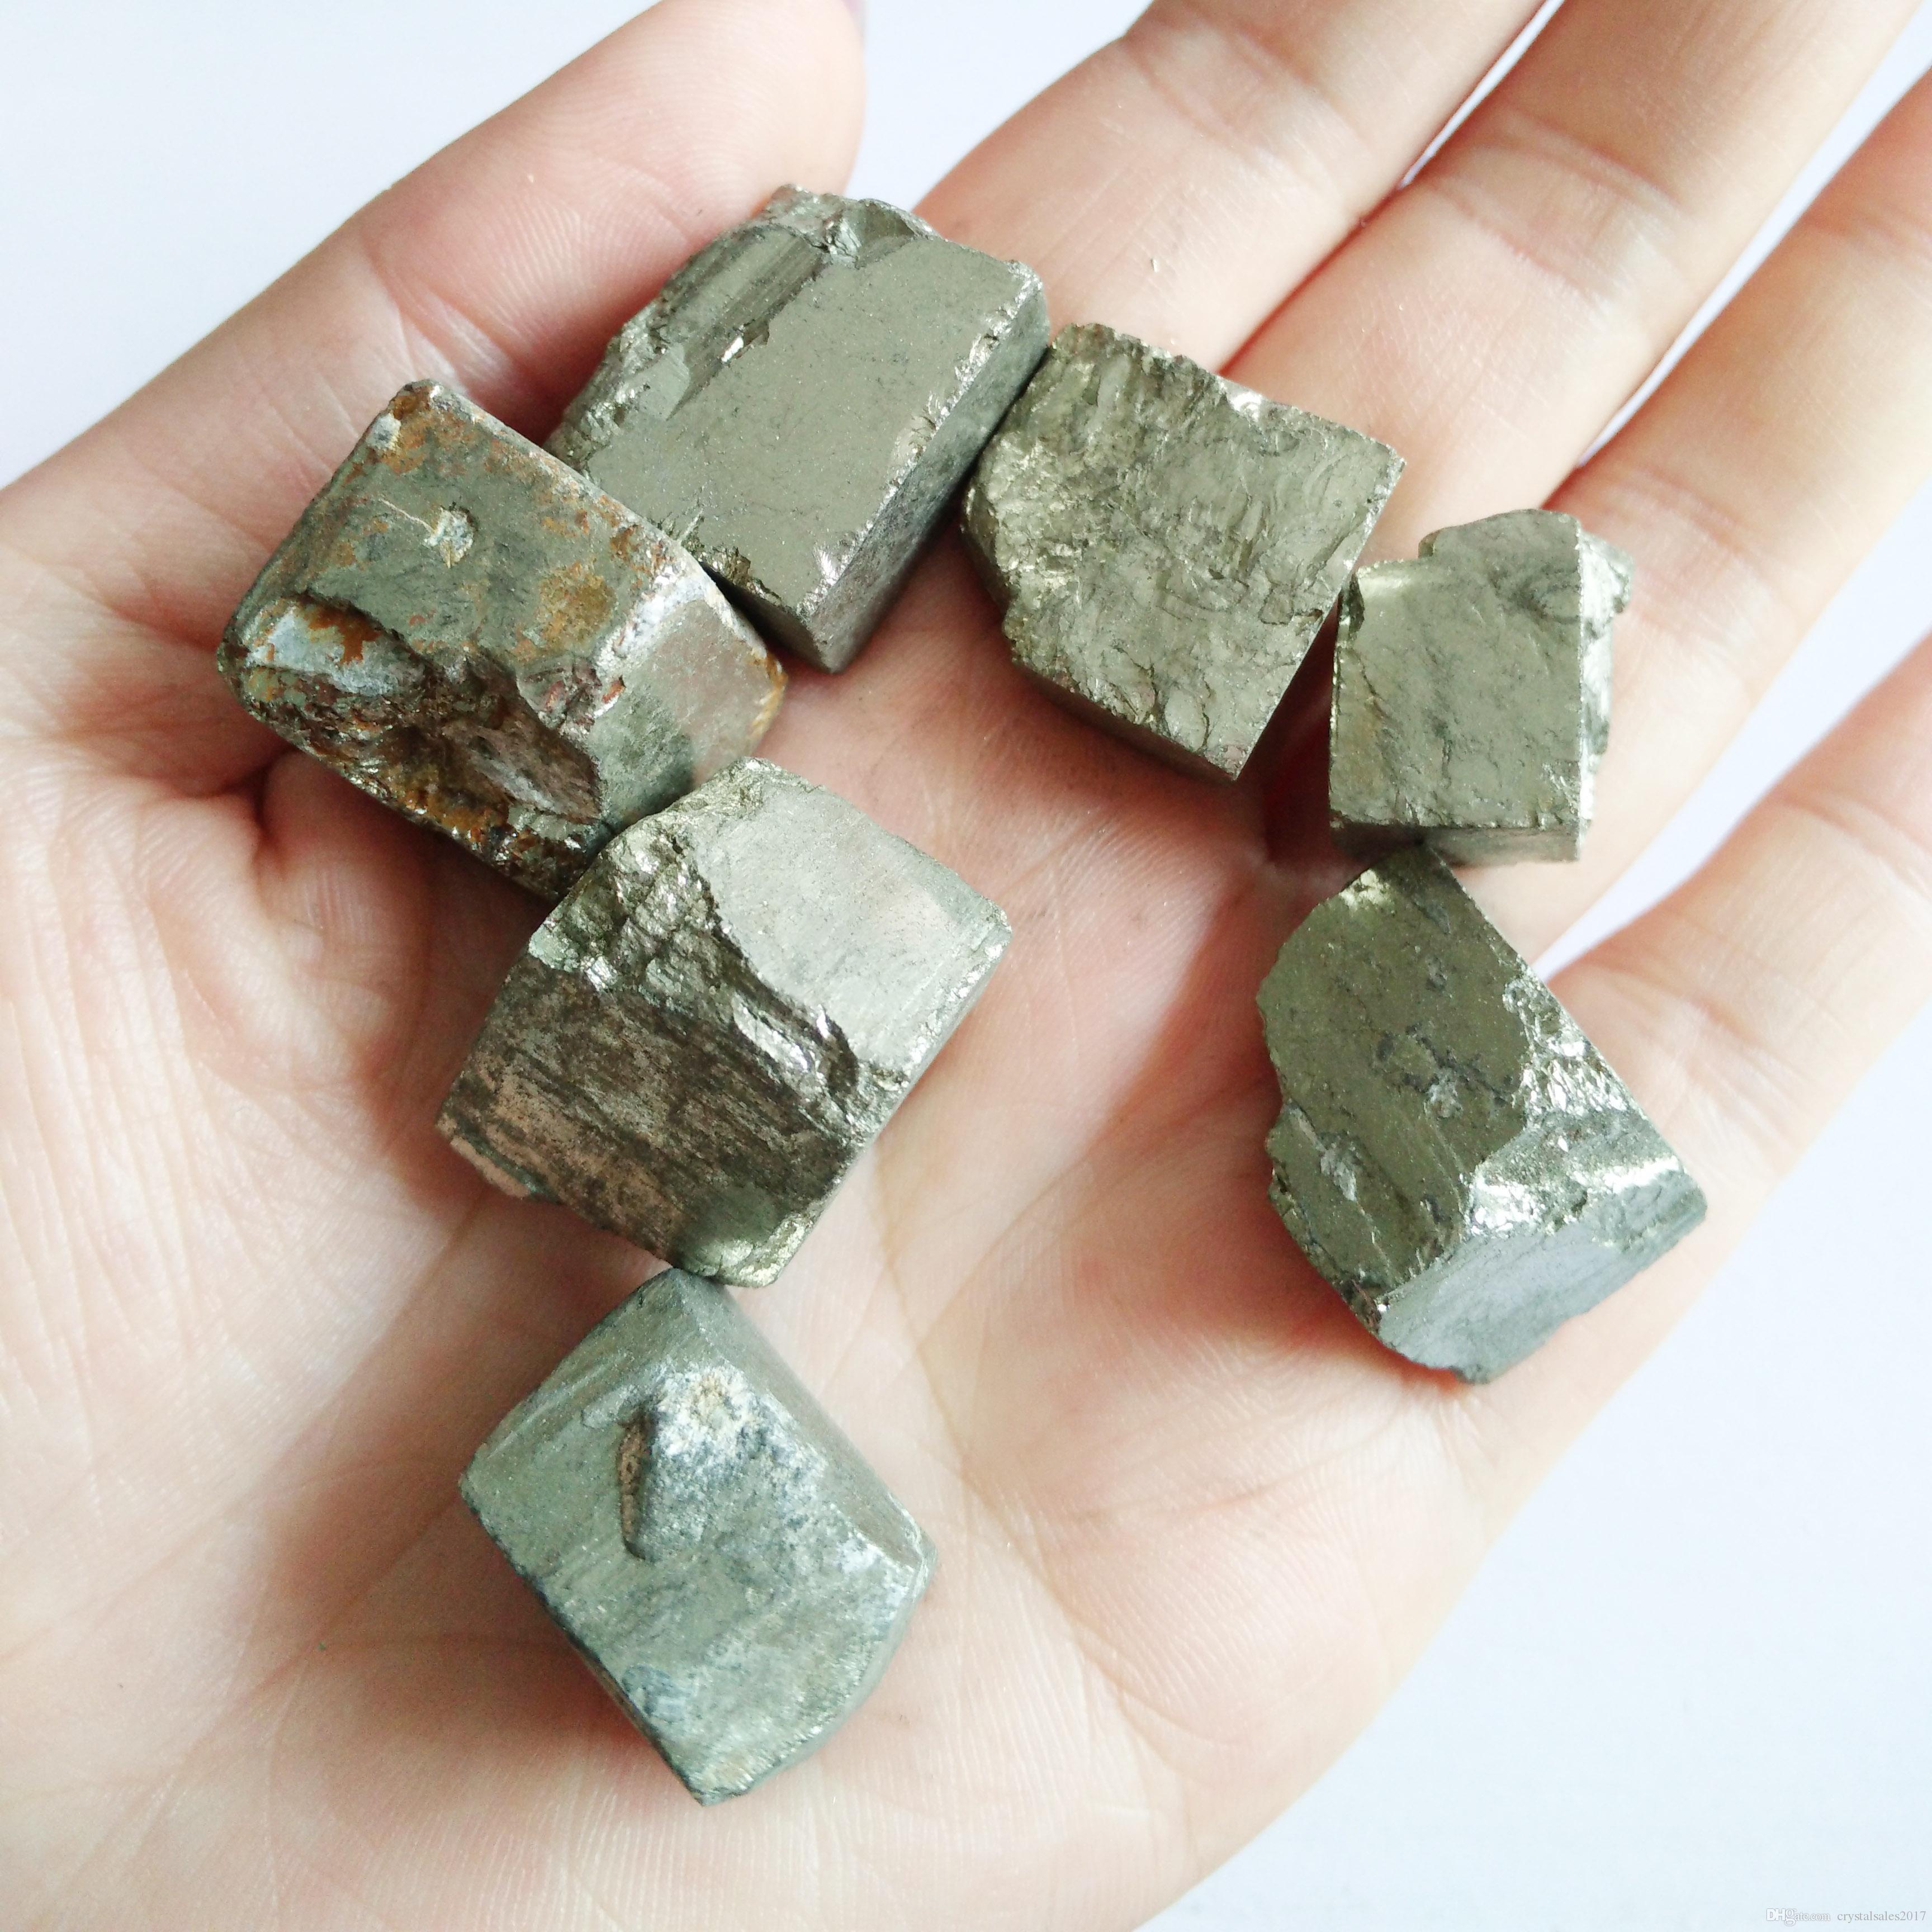 Naturale bella bella calcopirite cubo di pietra di cristallo guarigione di cristallo minerale in vendita è caduto pietre s campione del cubo